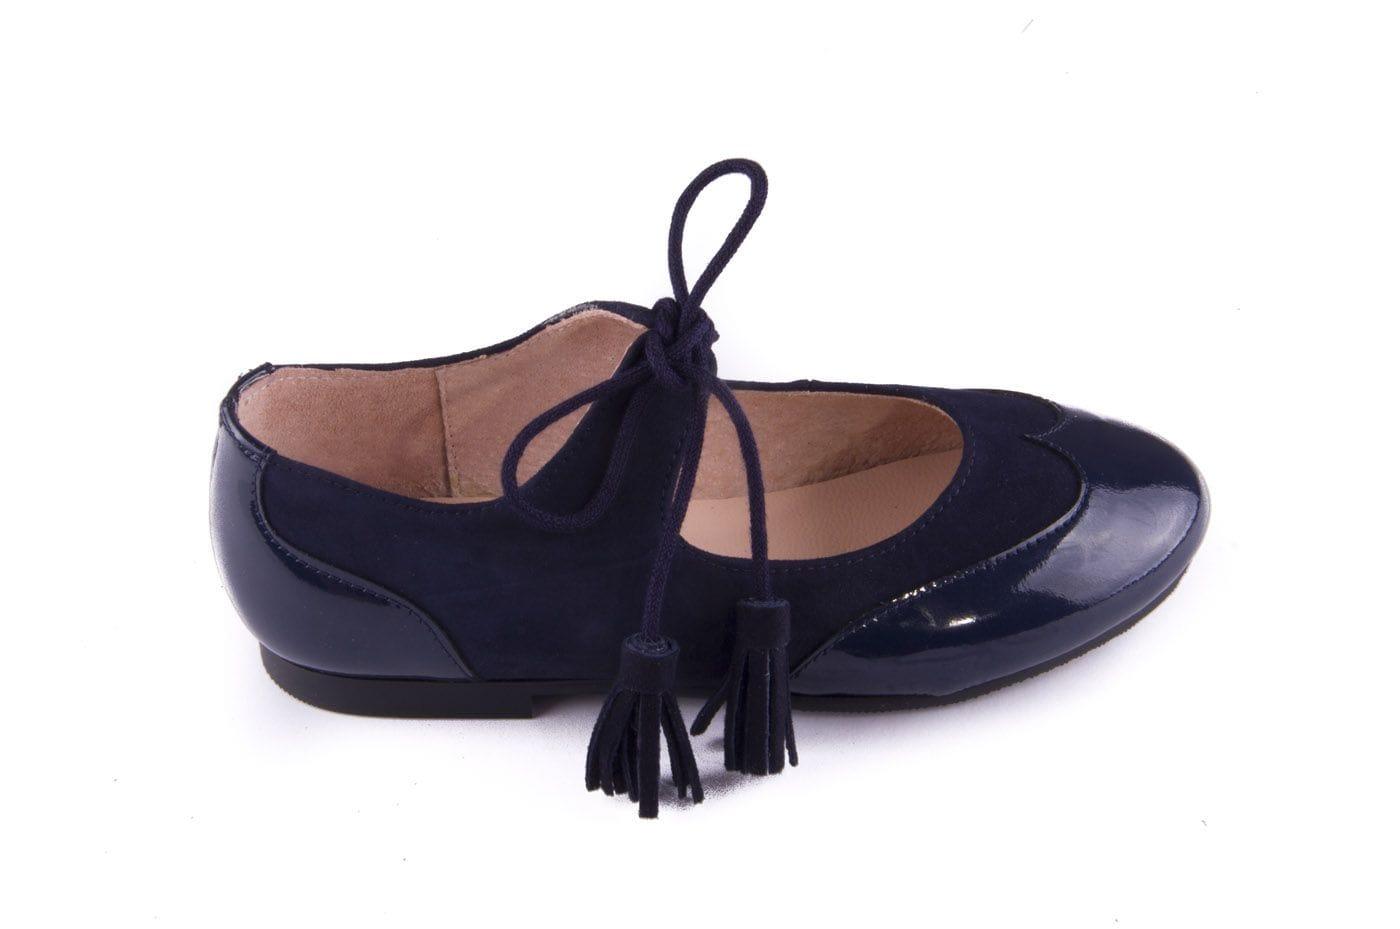 ee152978 Comprar zapato tipo JOVEN NIÑA estilo MERCEDES COLOR AZUL MARINO ...